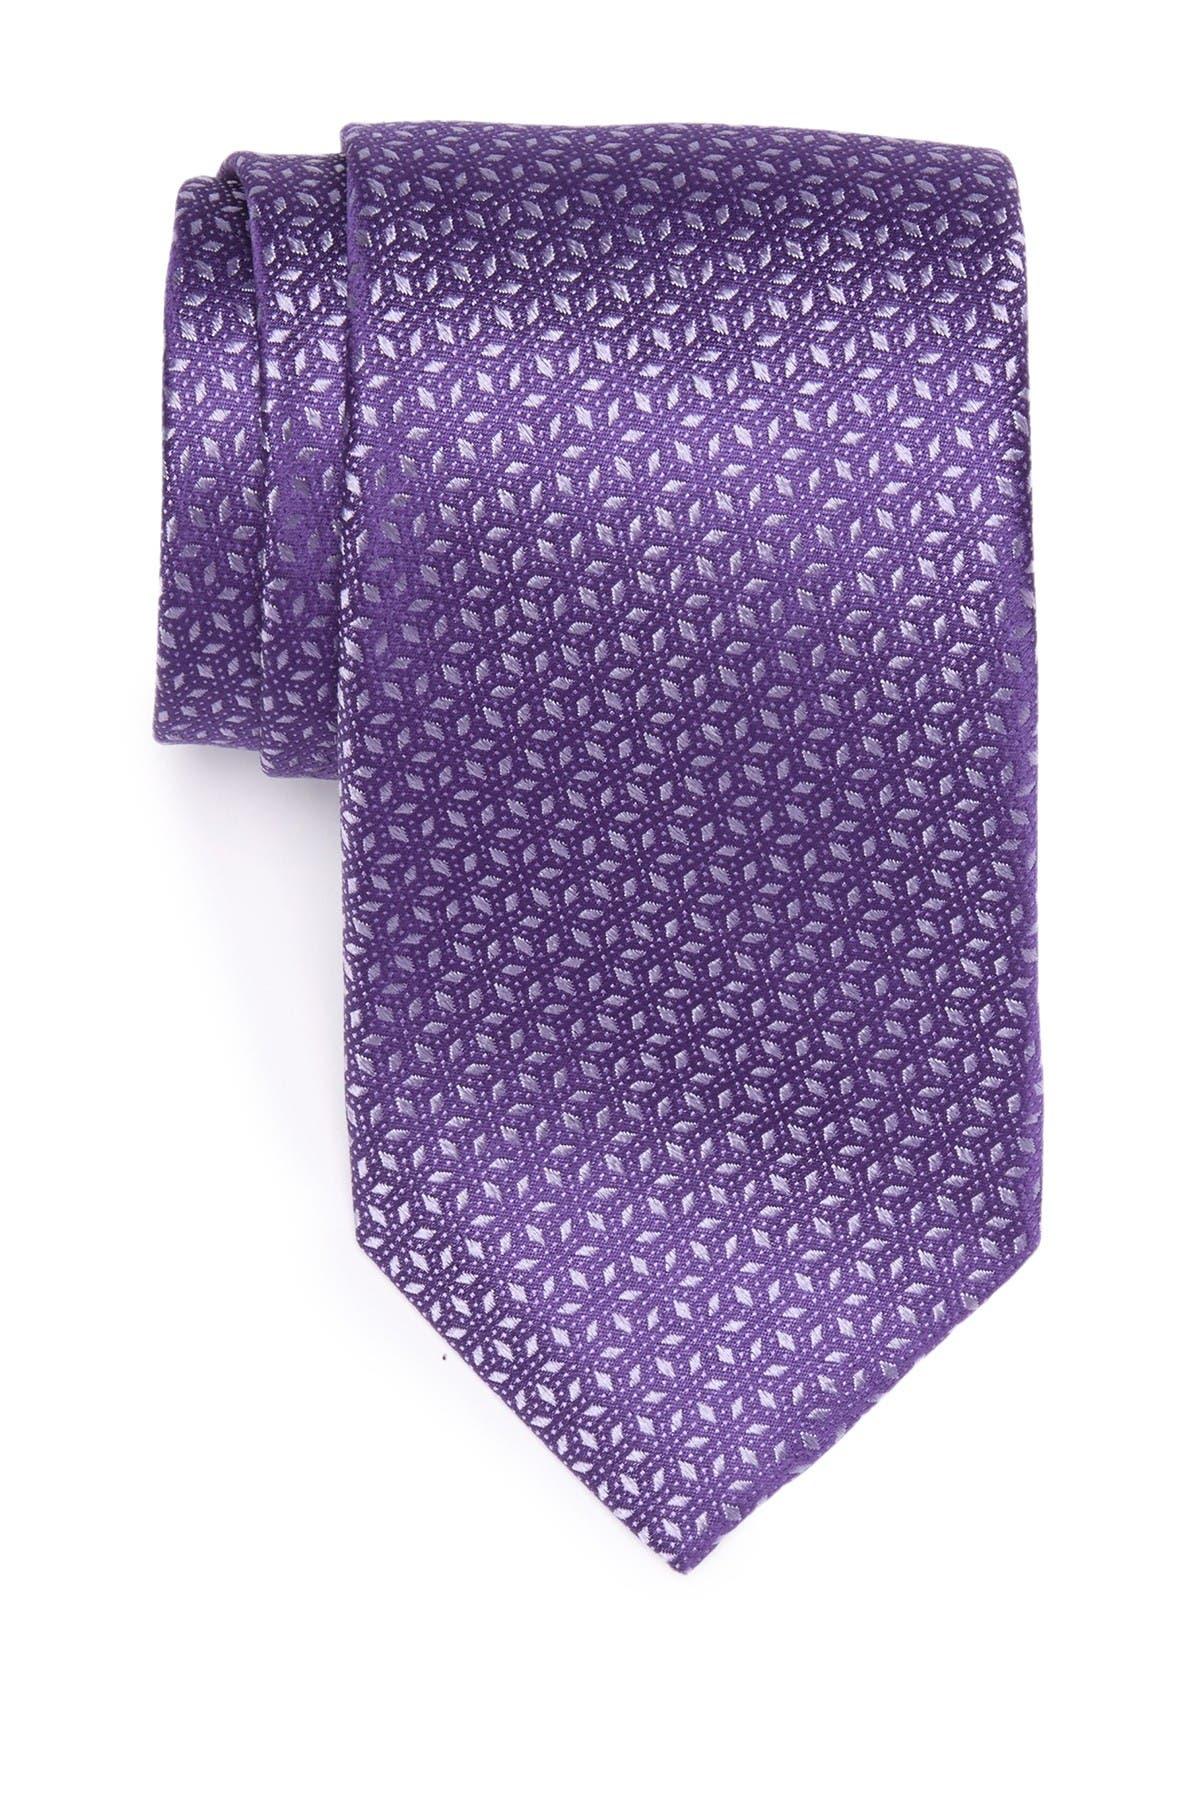 Image of Michael Kors Pindot Ground Diamonds Tie